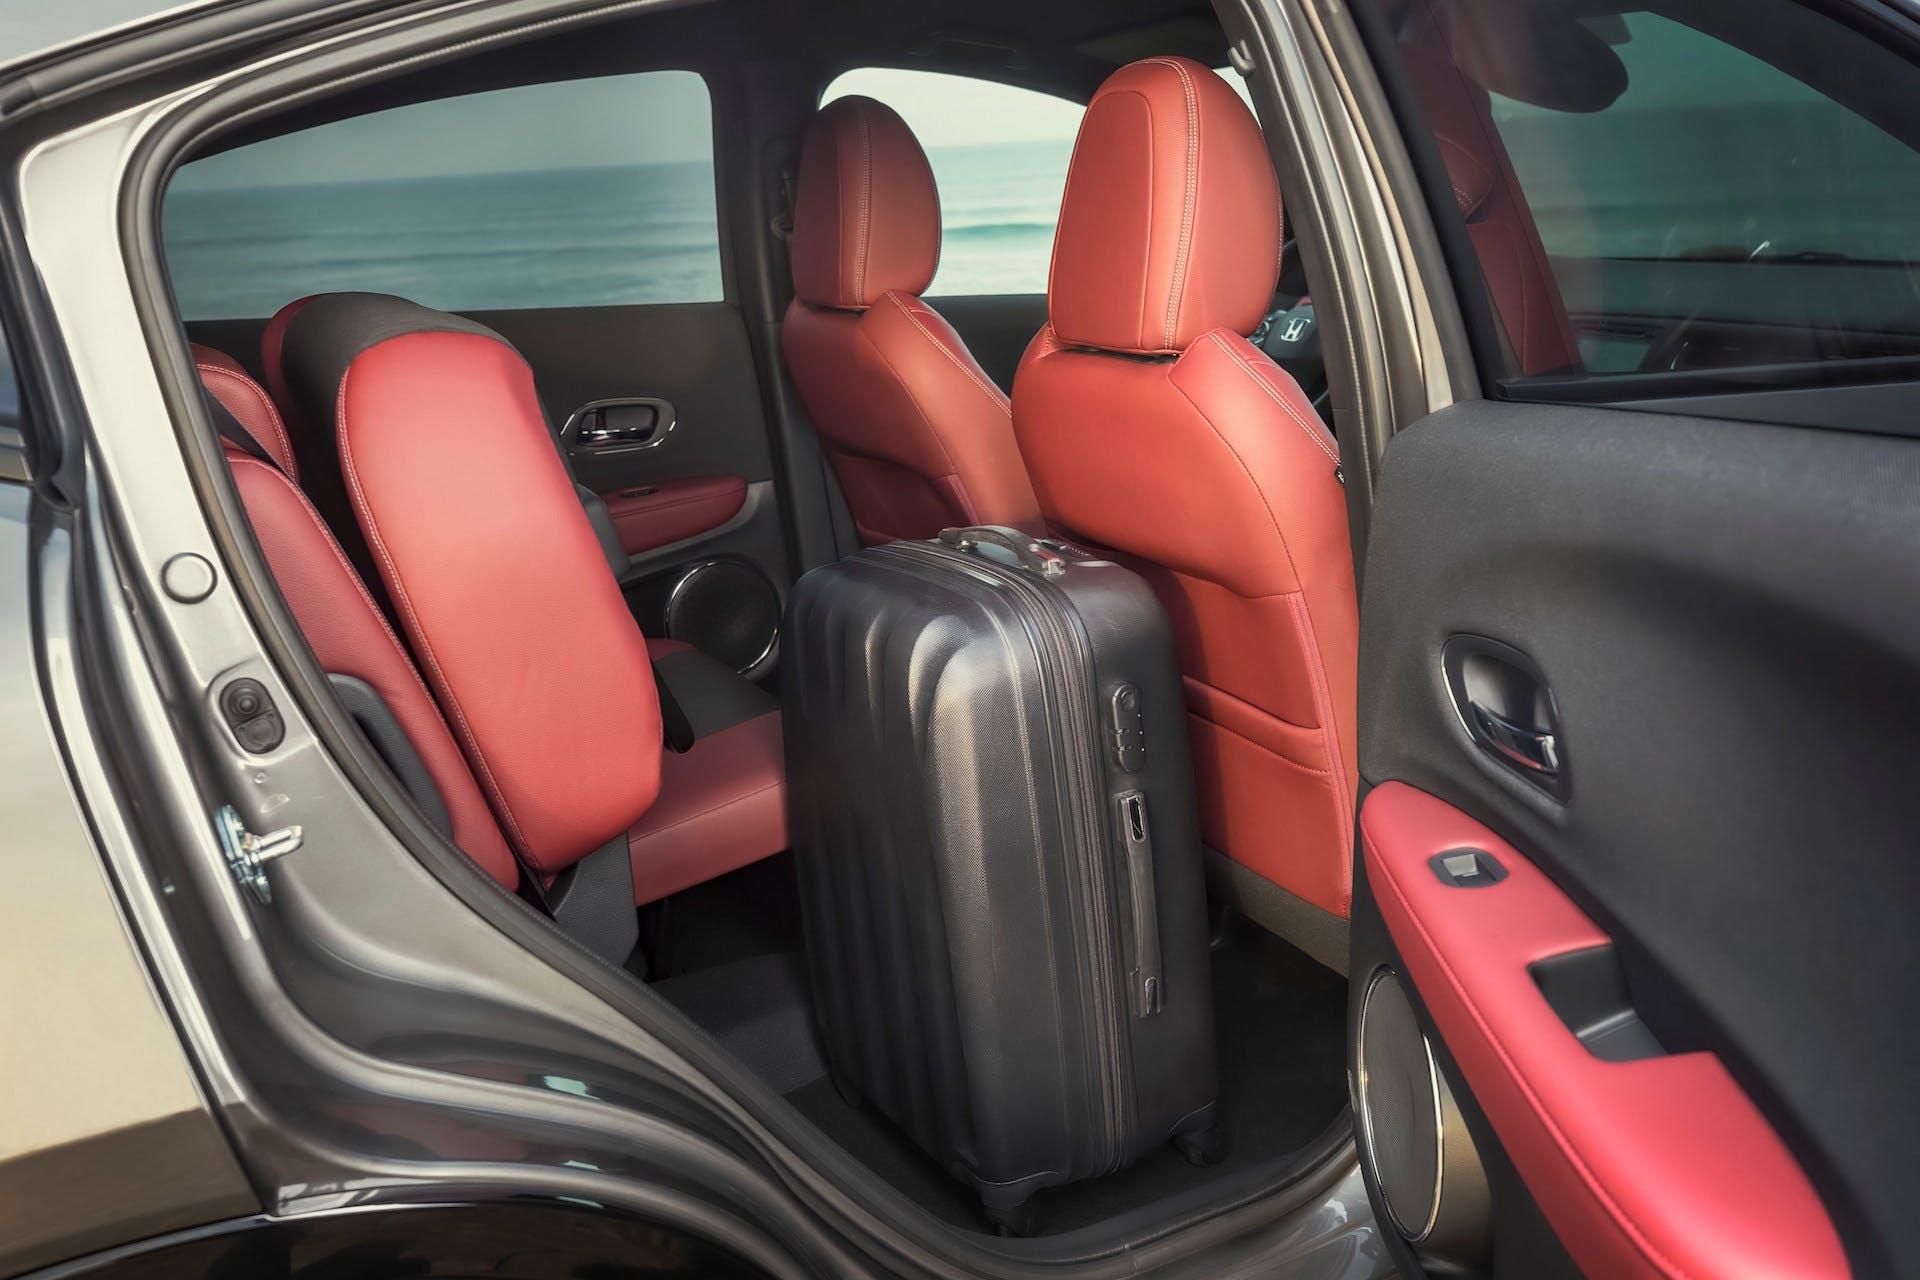 Honda HR-V auto interni sedili posteriori ribaltabili spazio di carico